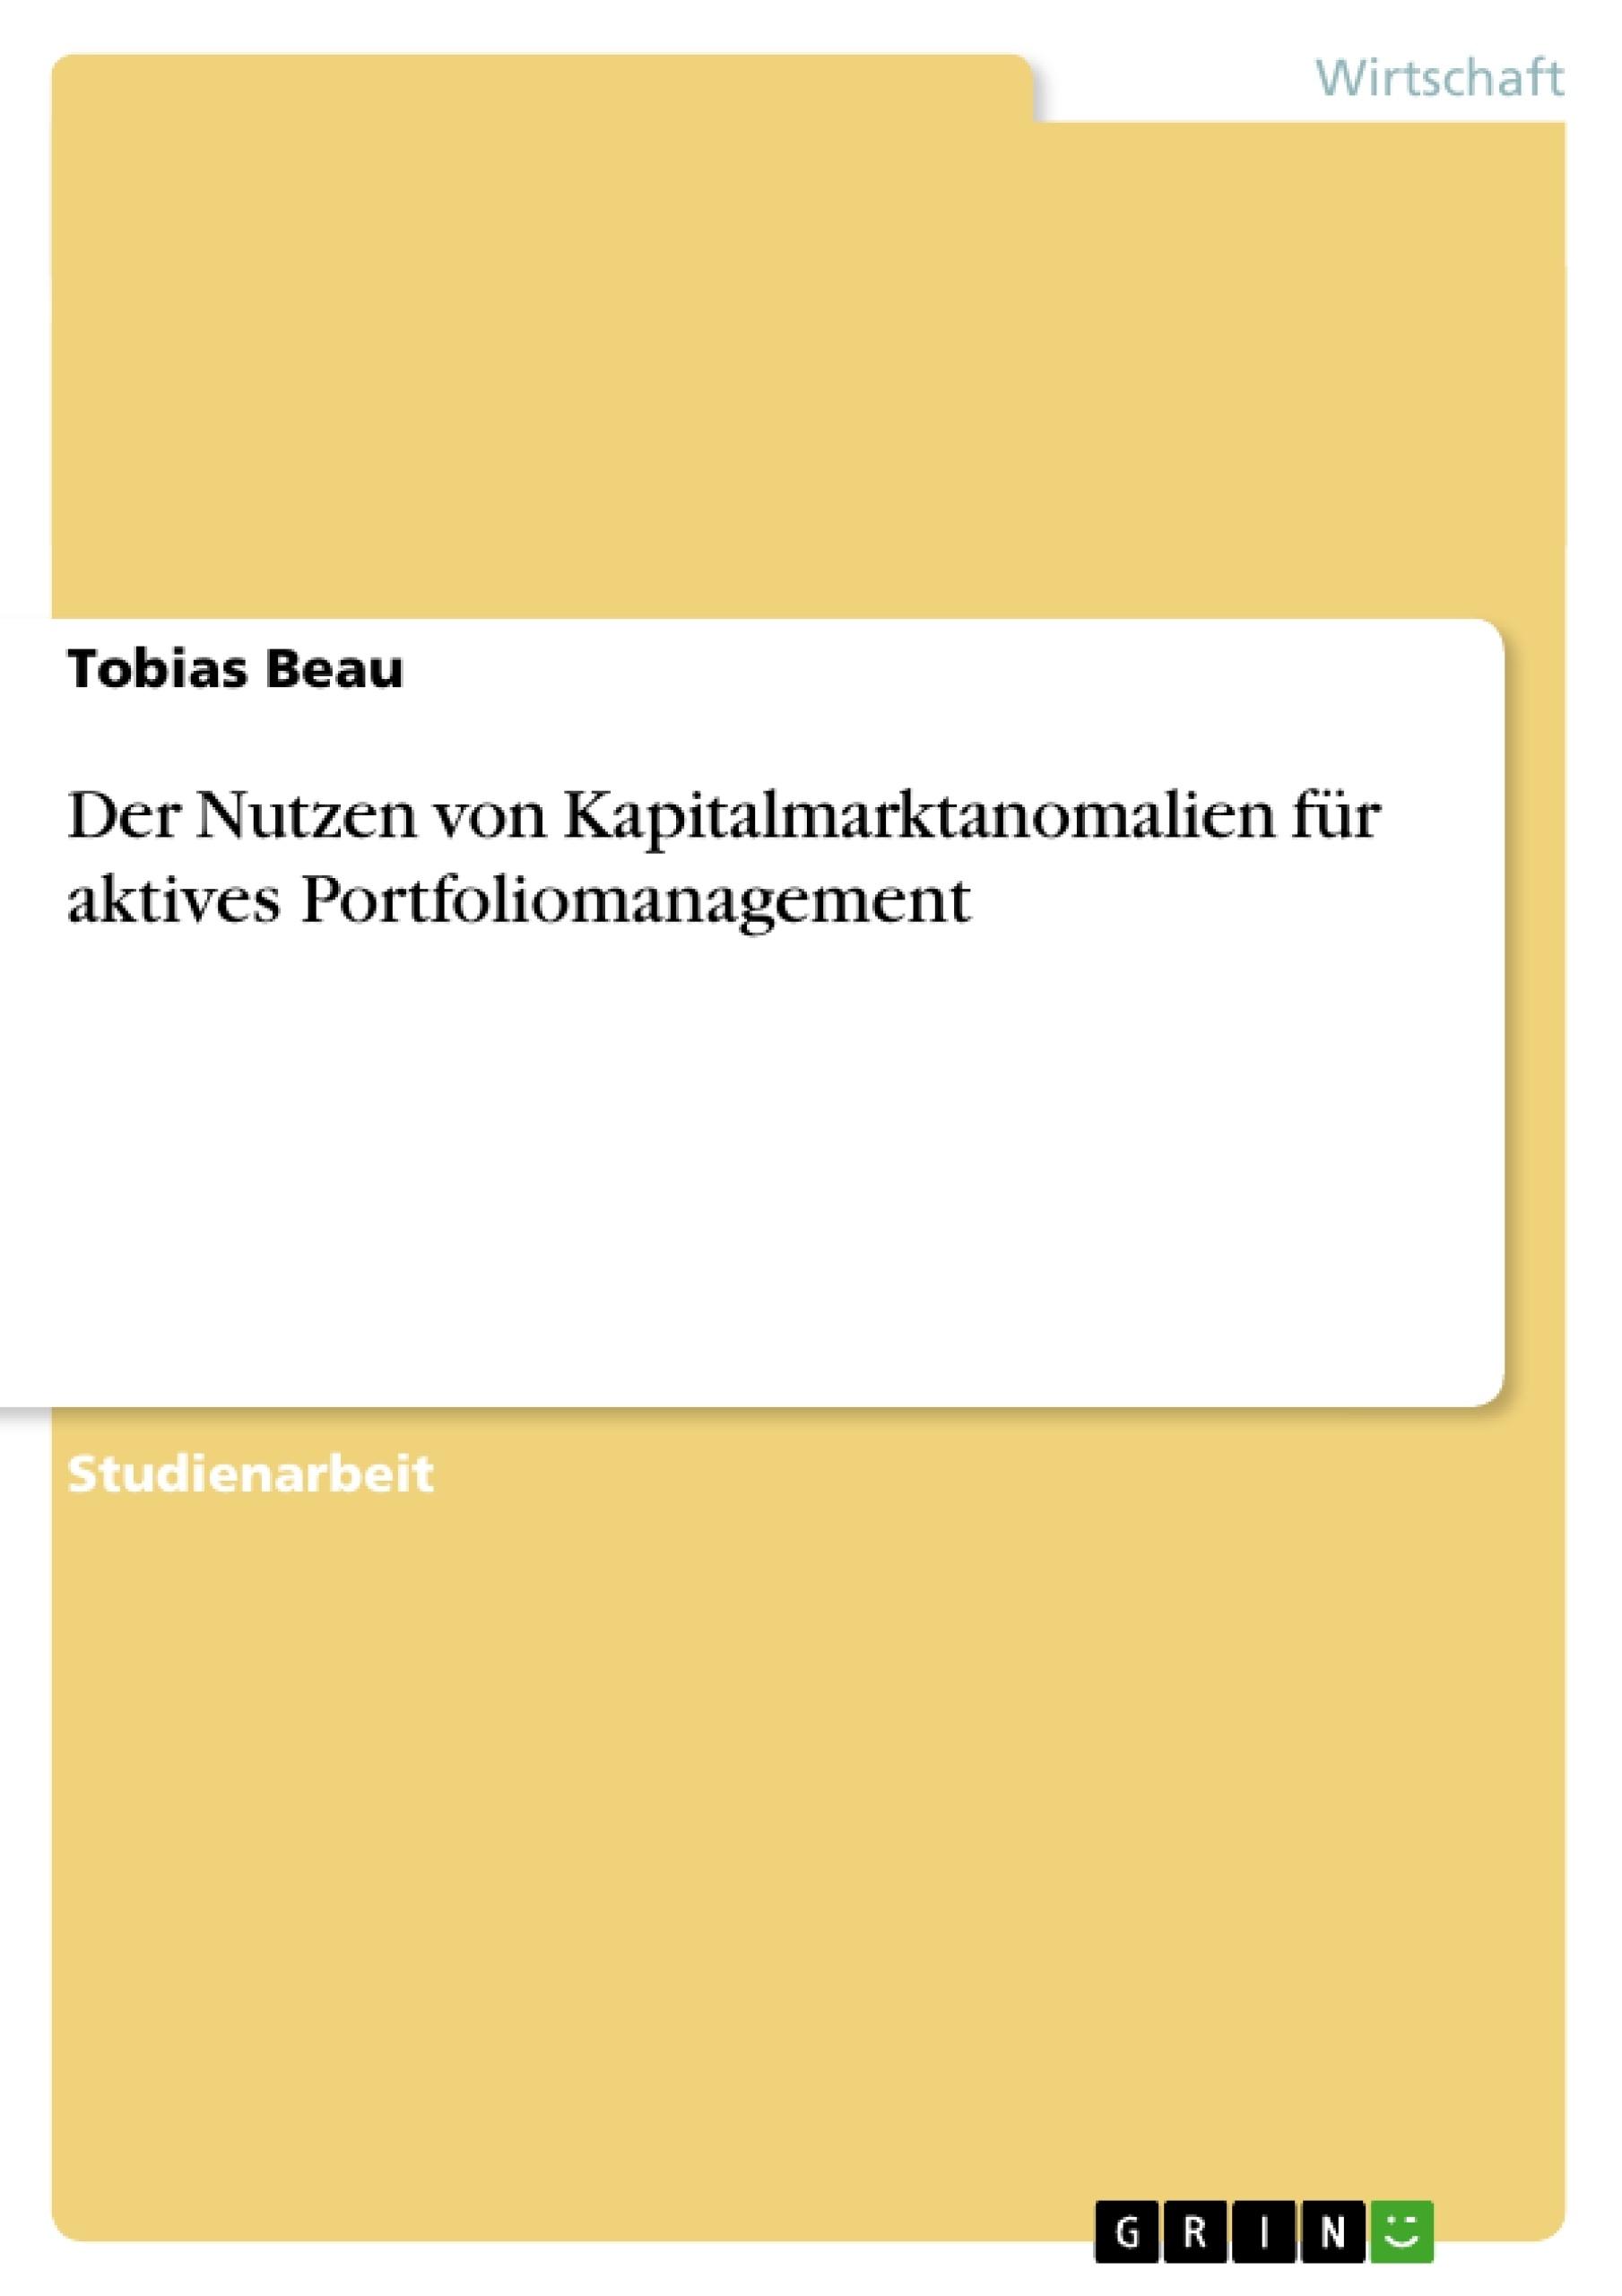 Titel: Der Nutzen von Kapitalmarktanomalien für aktives Portfoliomanagement